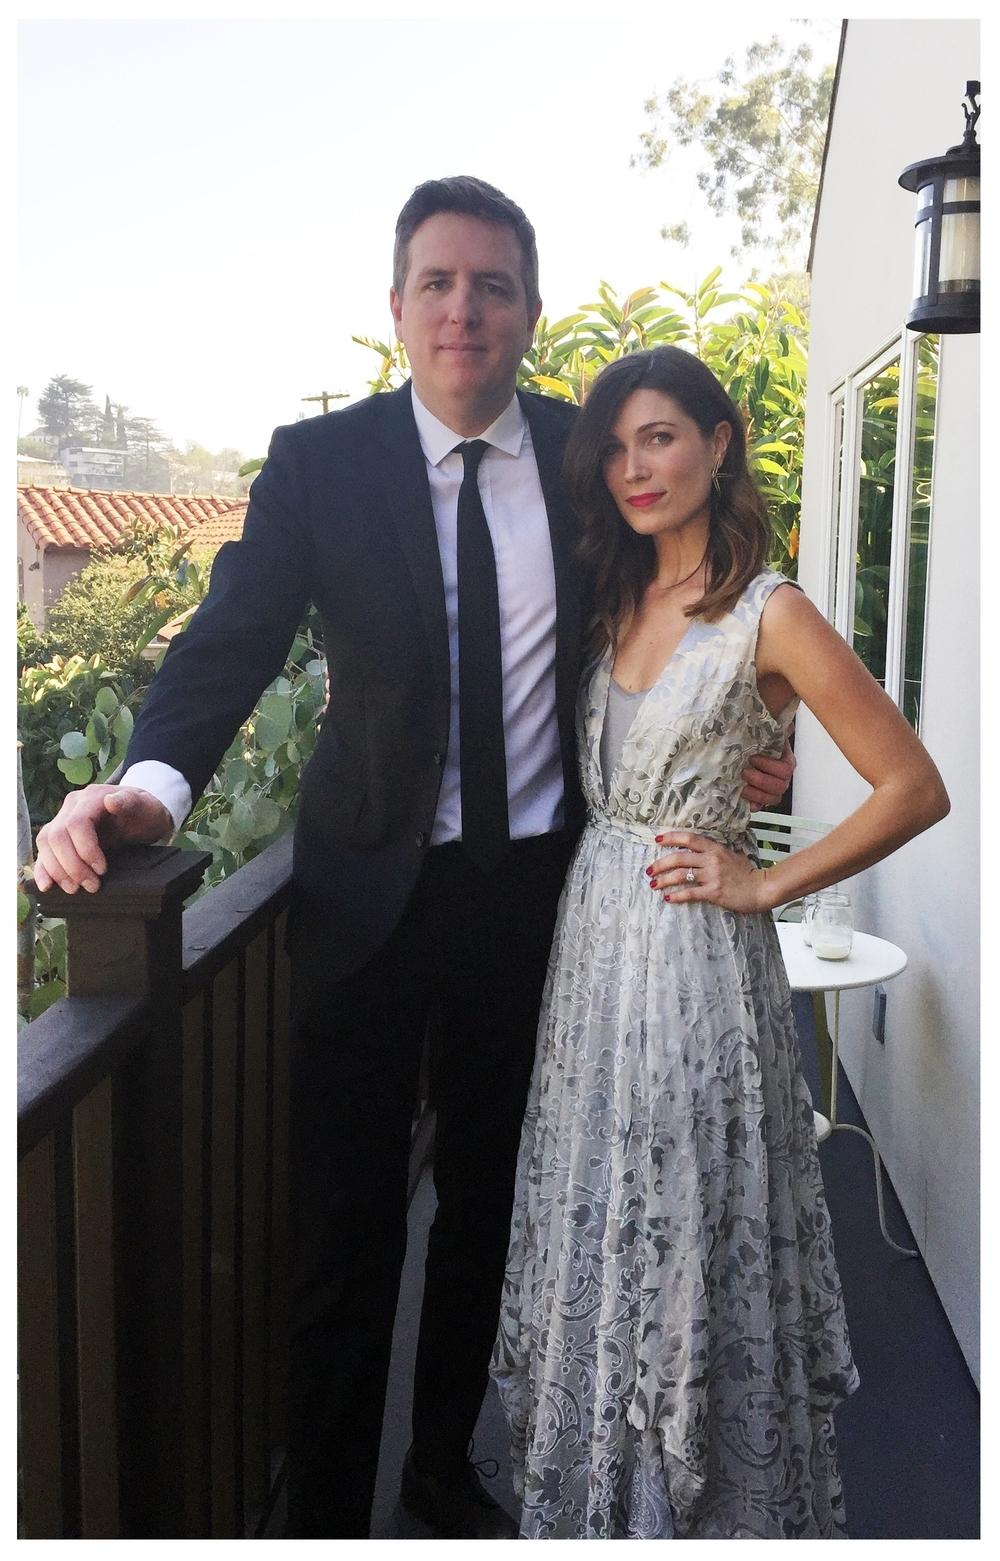 Tim McAuliffe & Jessica Kozak/ WGA Awards